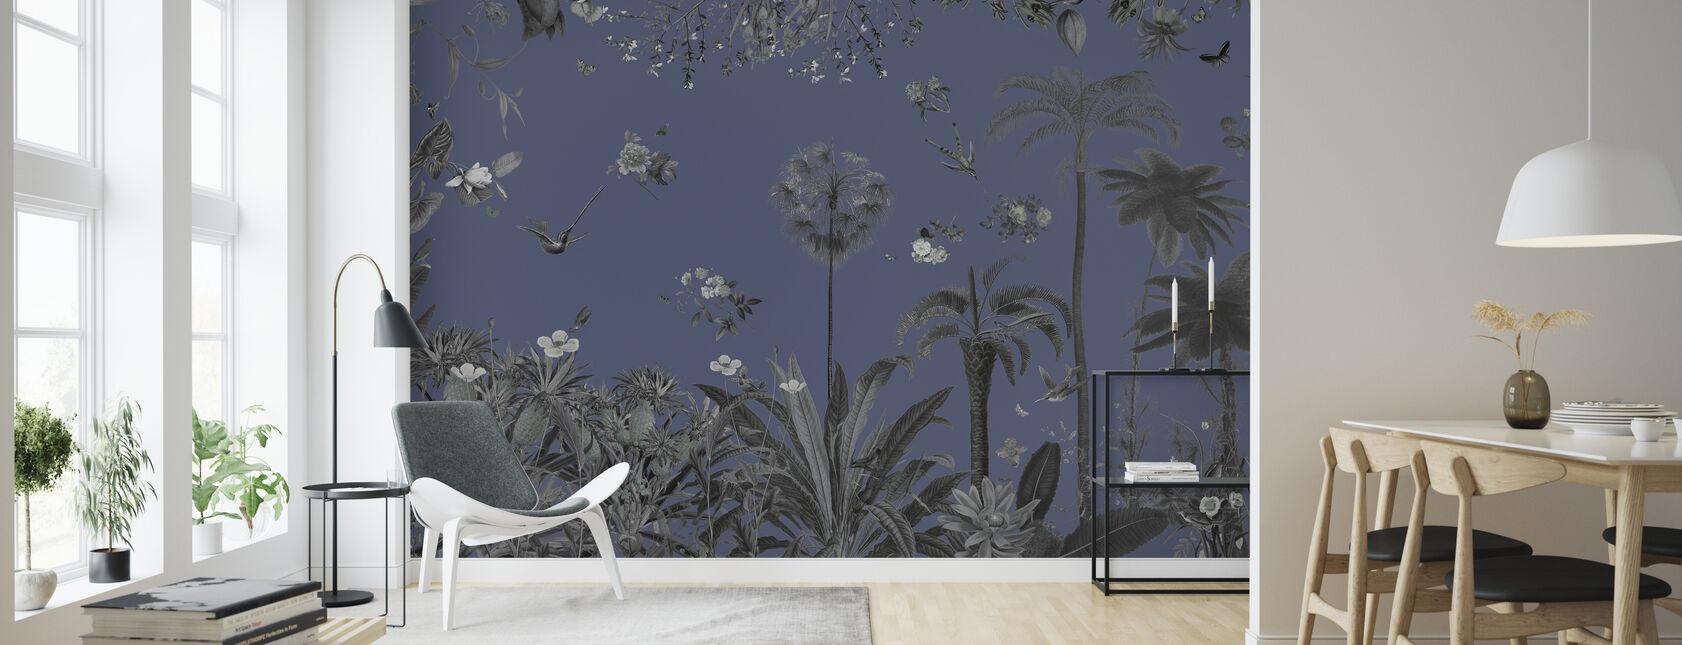 Thriver - Night - Wallpaper - Living Room